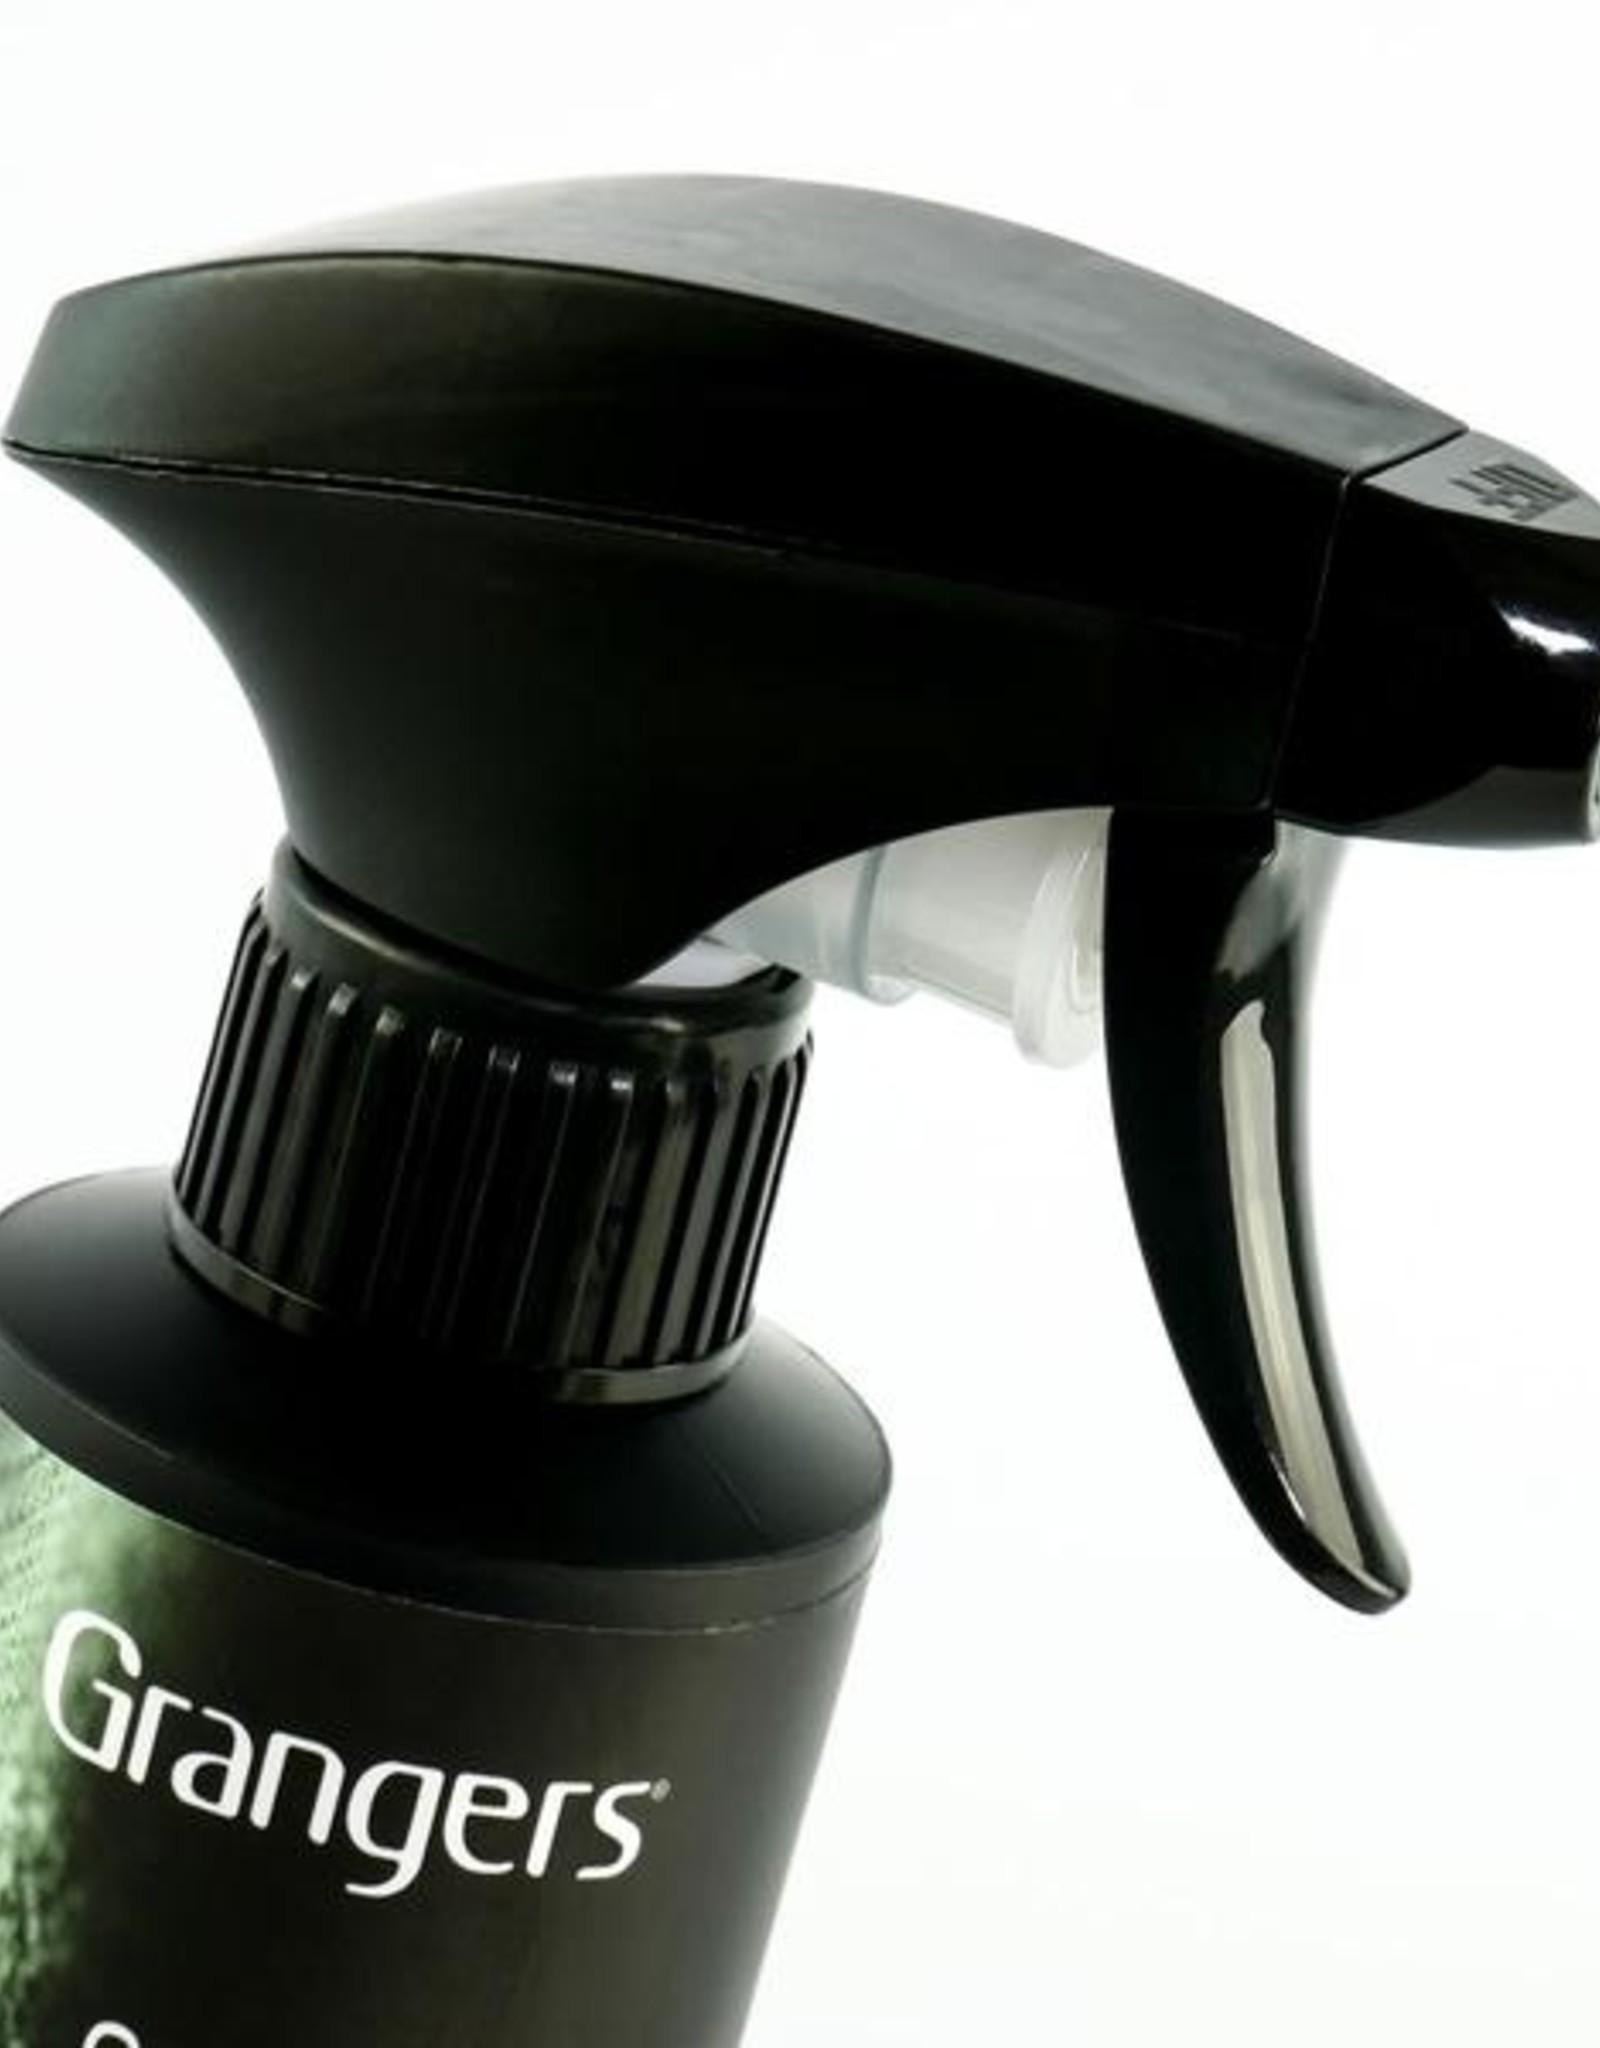 Grangers Footwear + Gear Cleaner